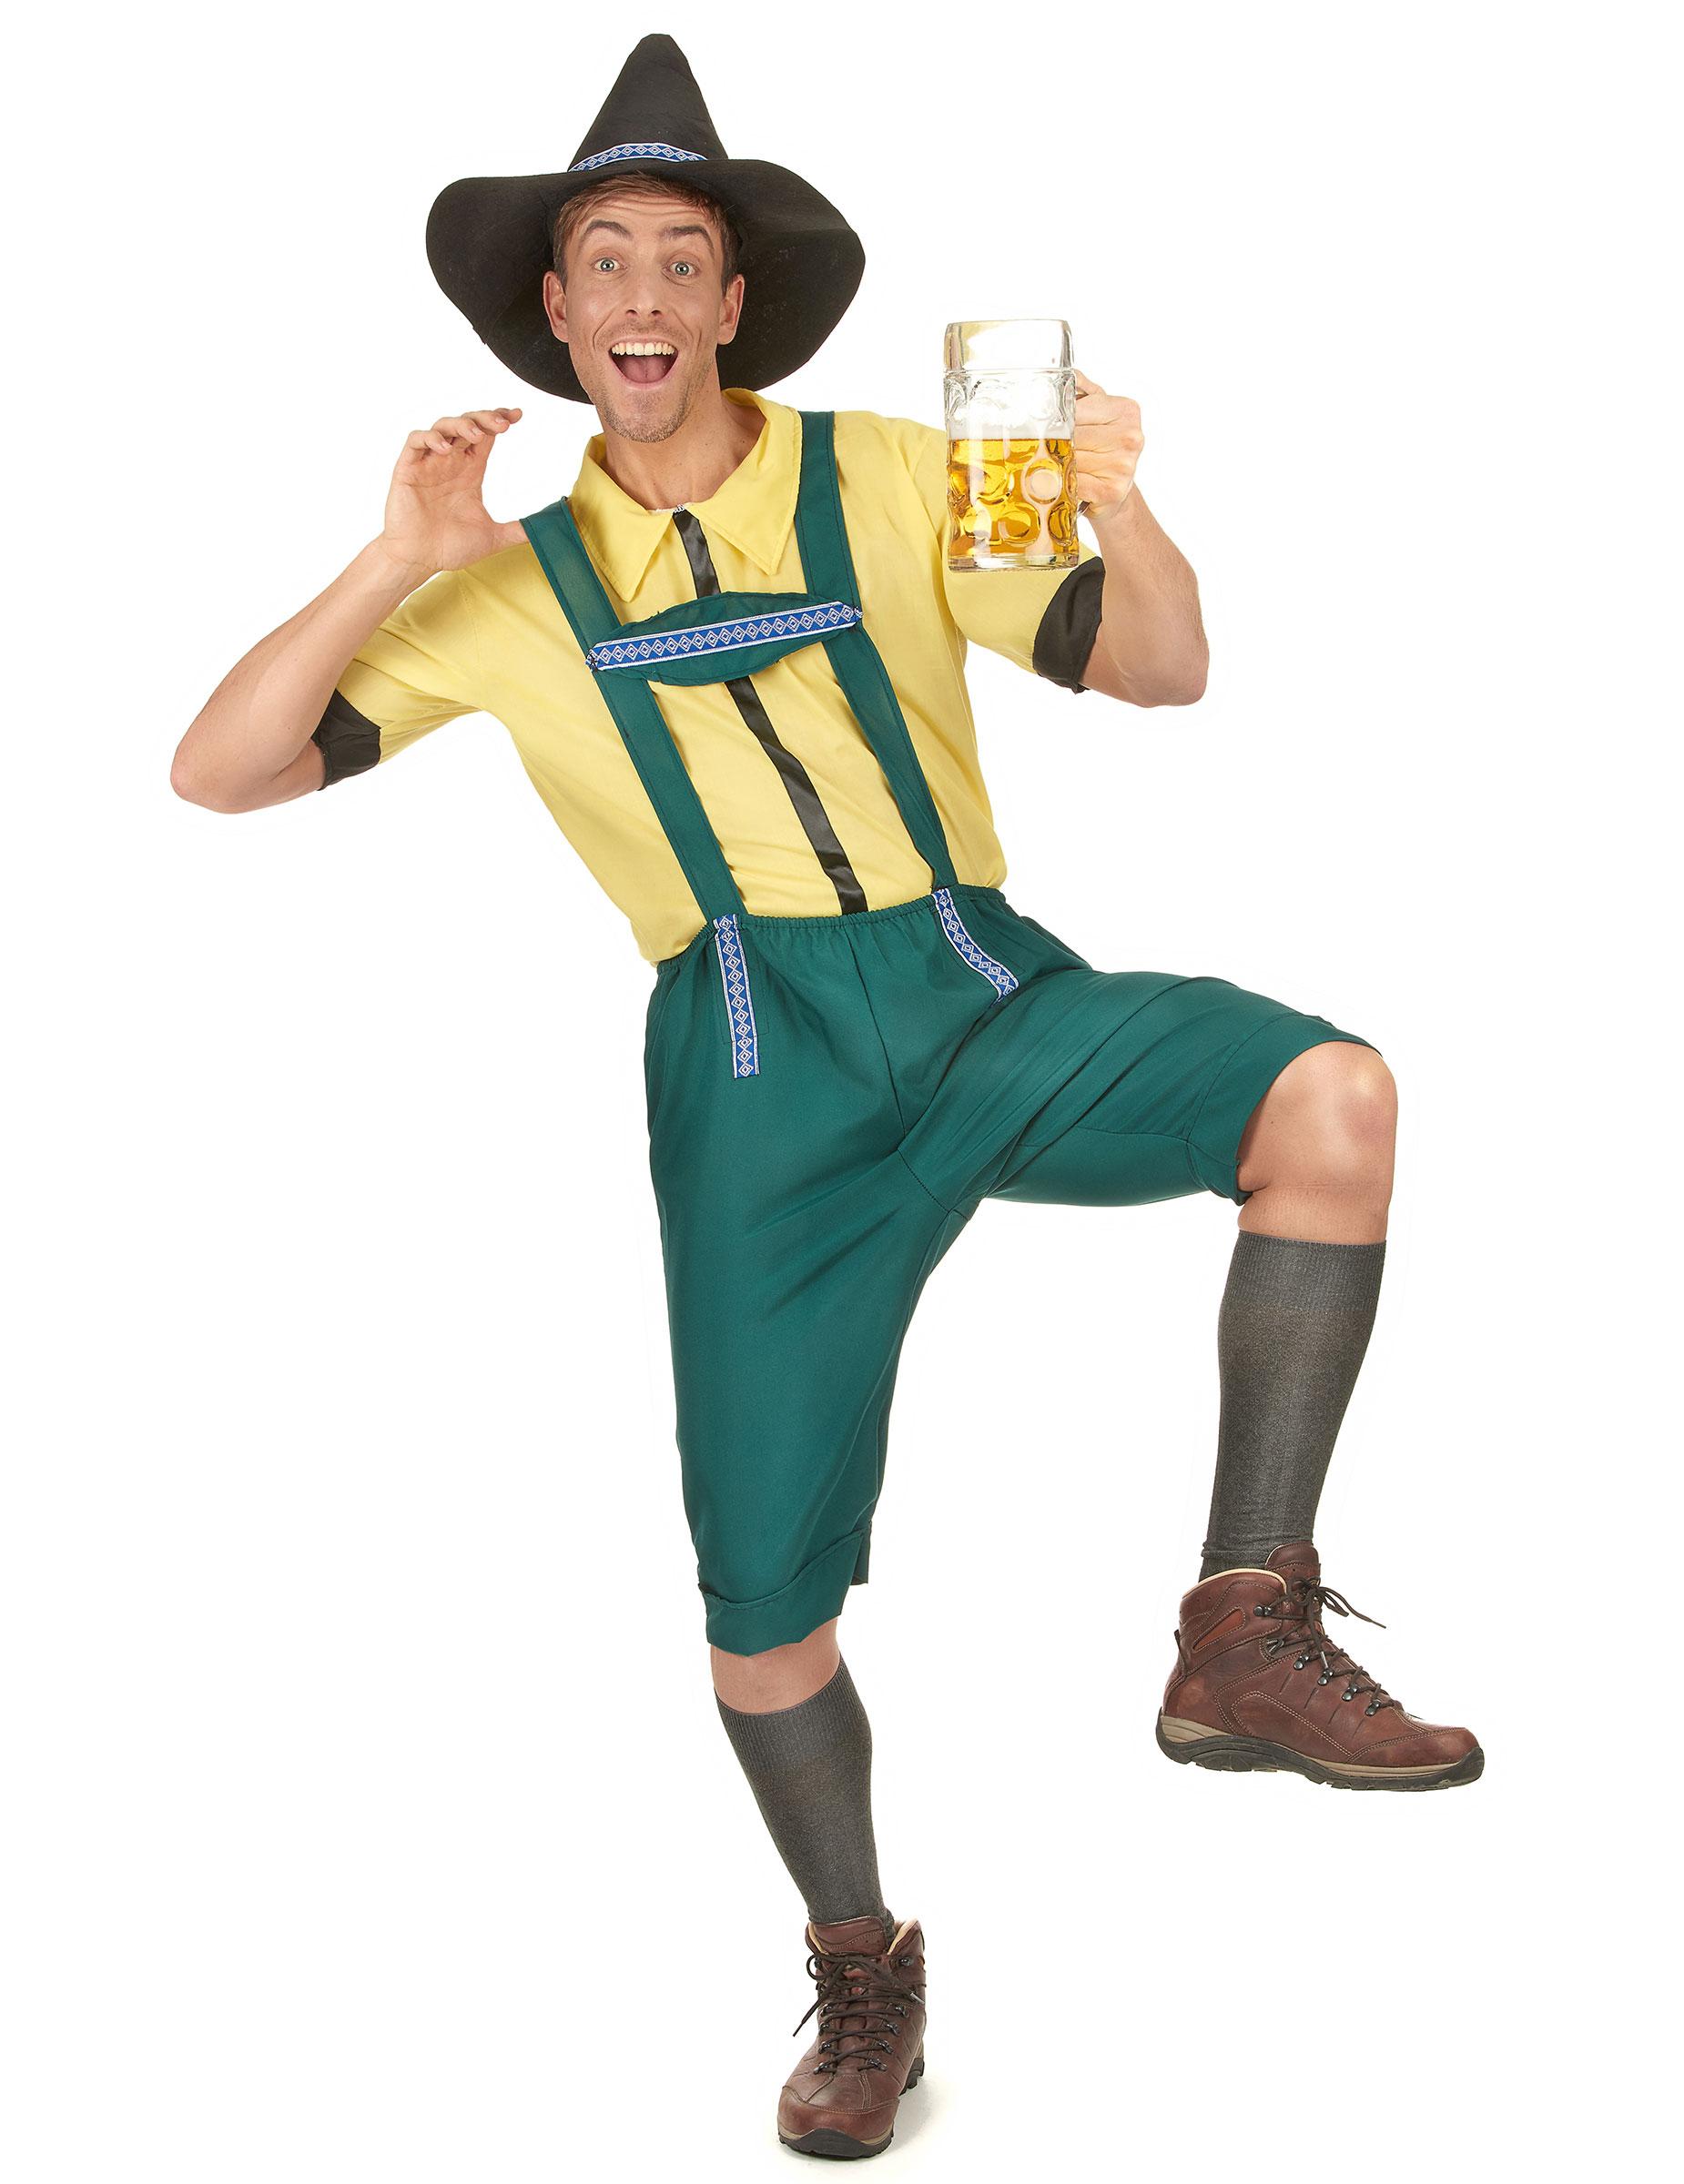 Bayrisches Kostüm Lederhose für Herren mit Hut grün-gelb - M 46127